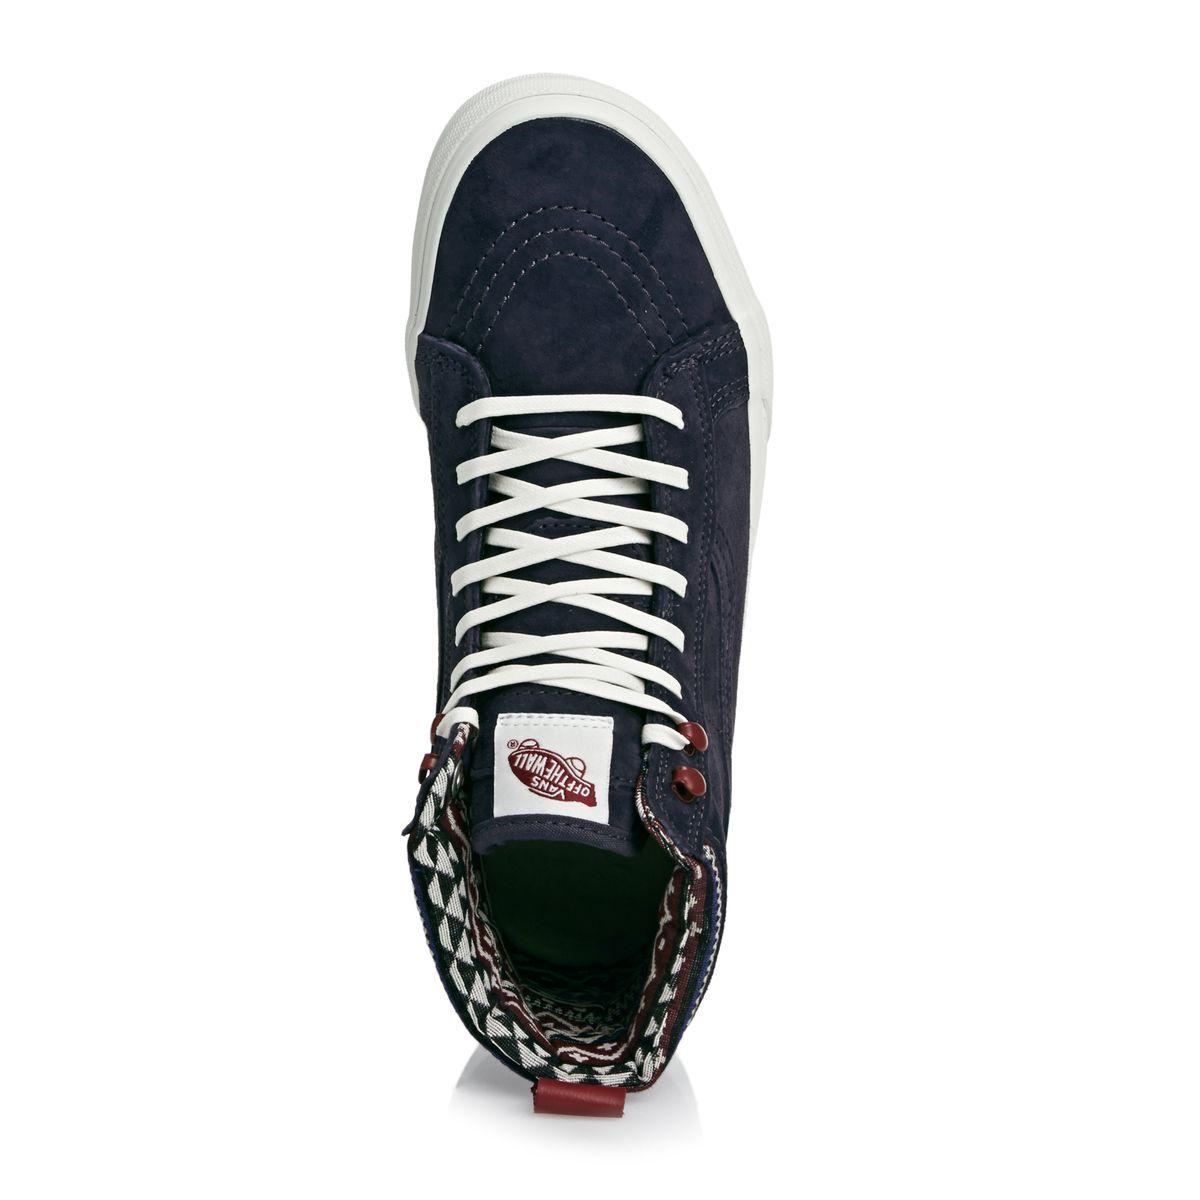 f9faa877ee Vans Sk8-hi Mte Shoes - (mte) Parisian Night blanc De Blanc ...